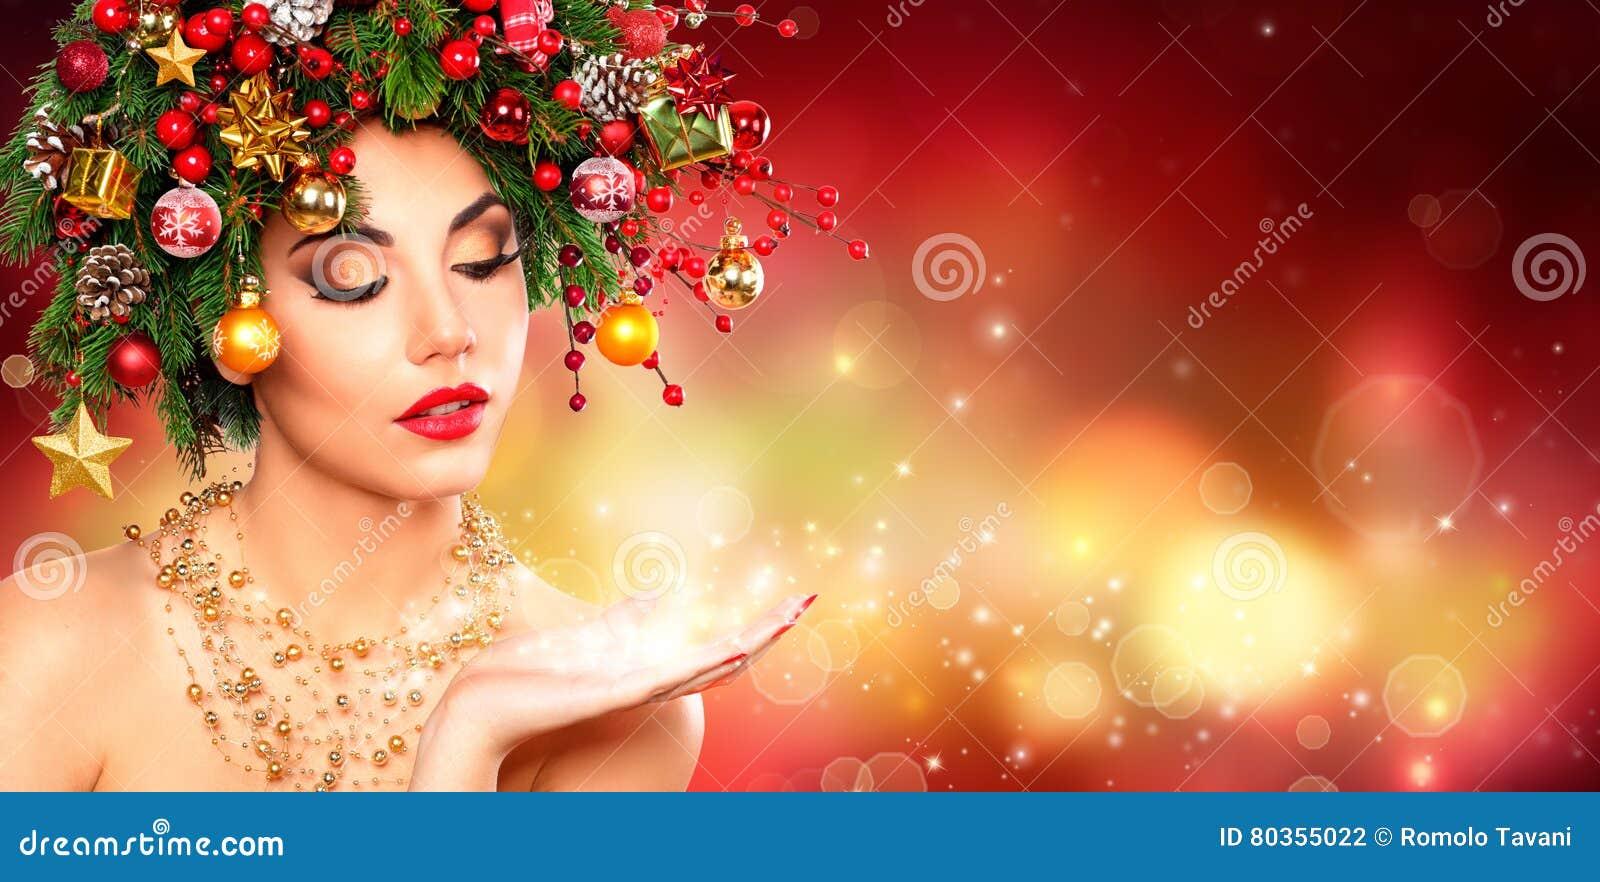 Μαγικός αποτελέστε - πρότυπη γυναίκα με το χριστουγεννιάτικο δέντρο